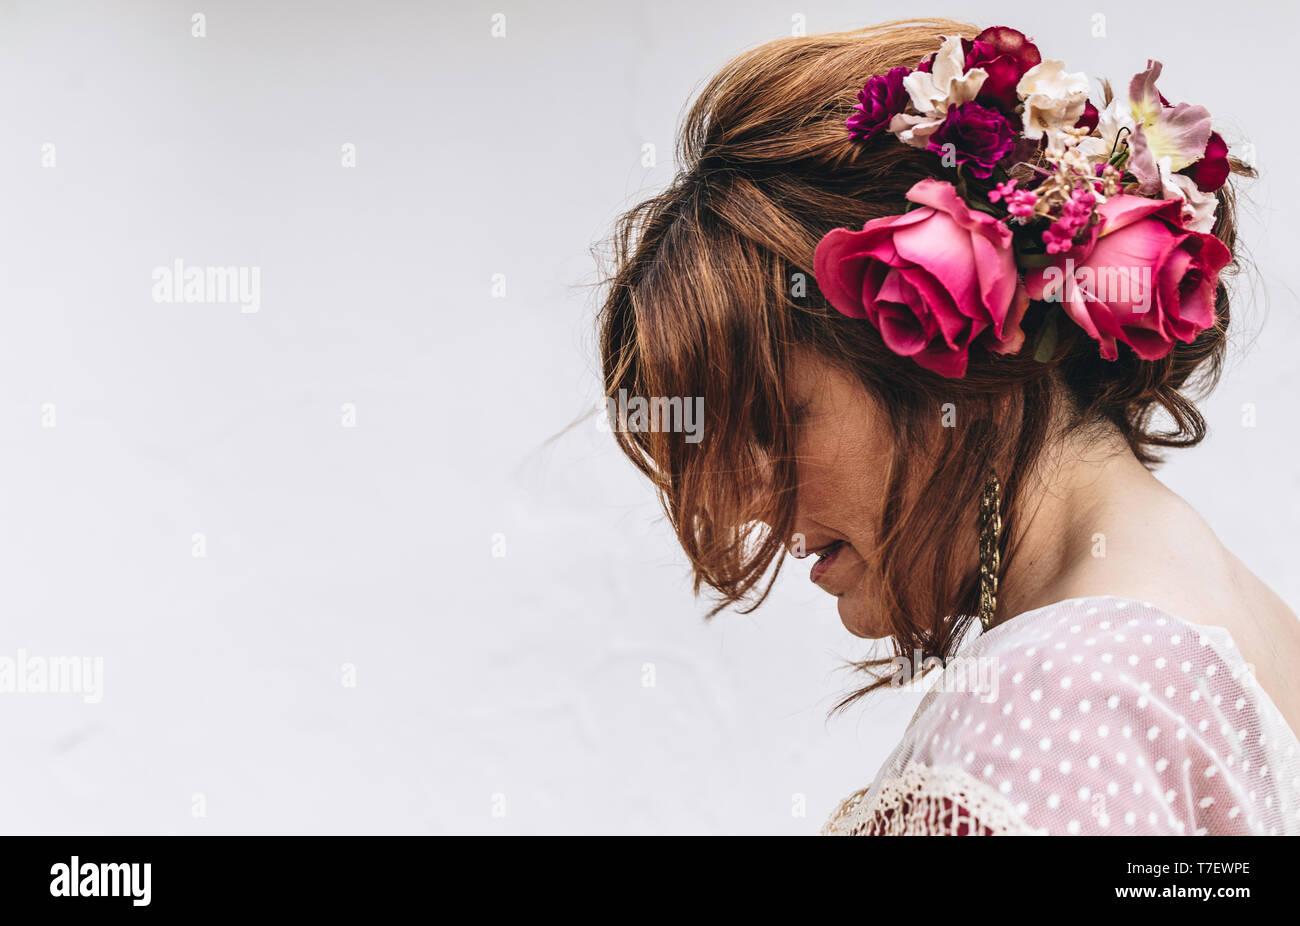 Beauty Shot Eines Flamenco Tanzerin Mit Schonen Frisur Und Blumen Im